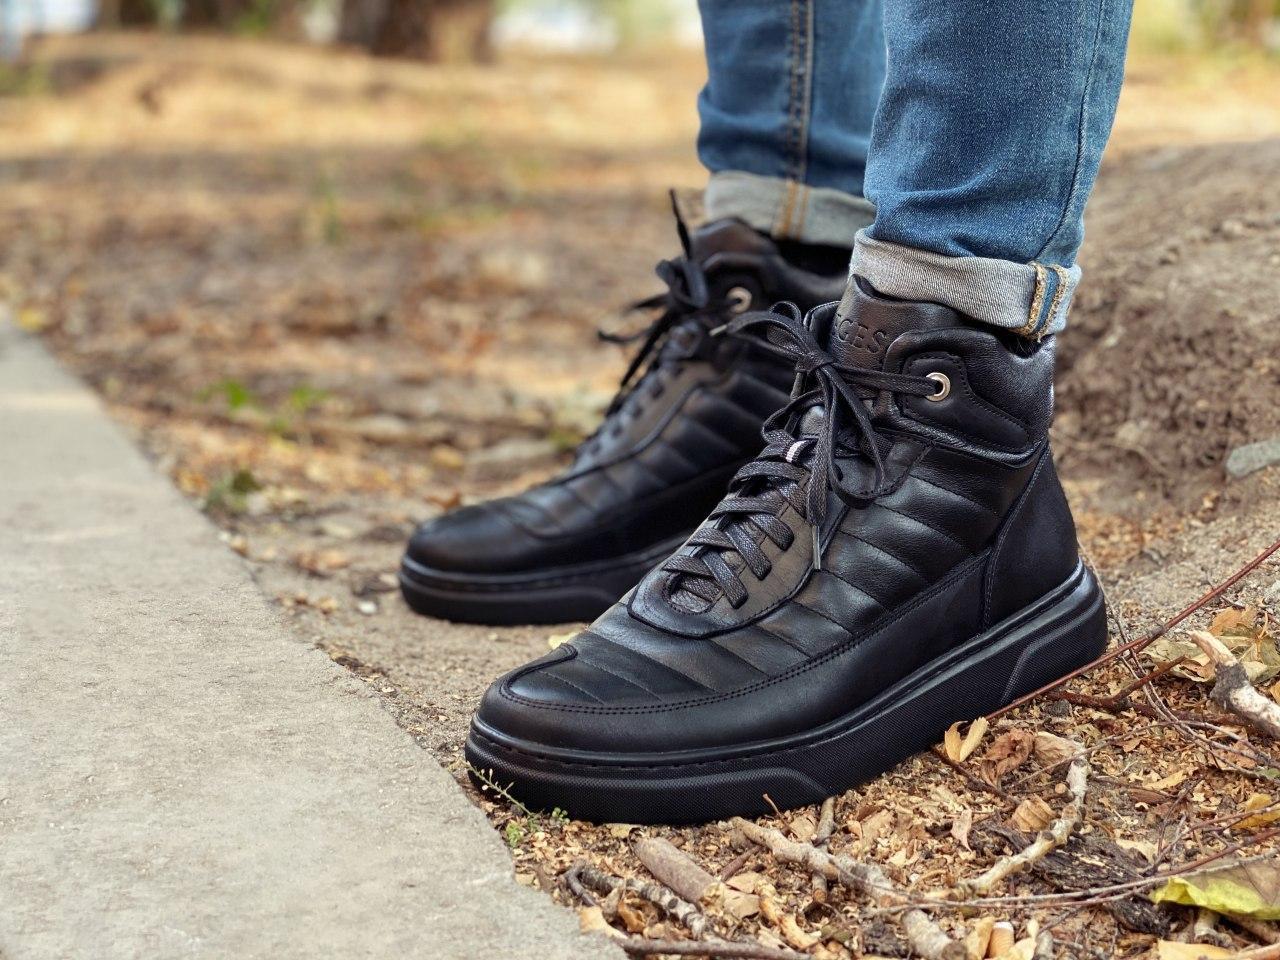 Мужские демисезонные ботинки, черного цвета, натуральная кожа,  Хайтопы мужские